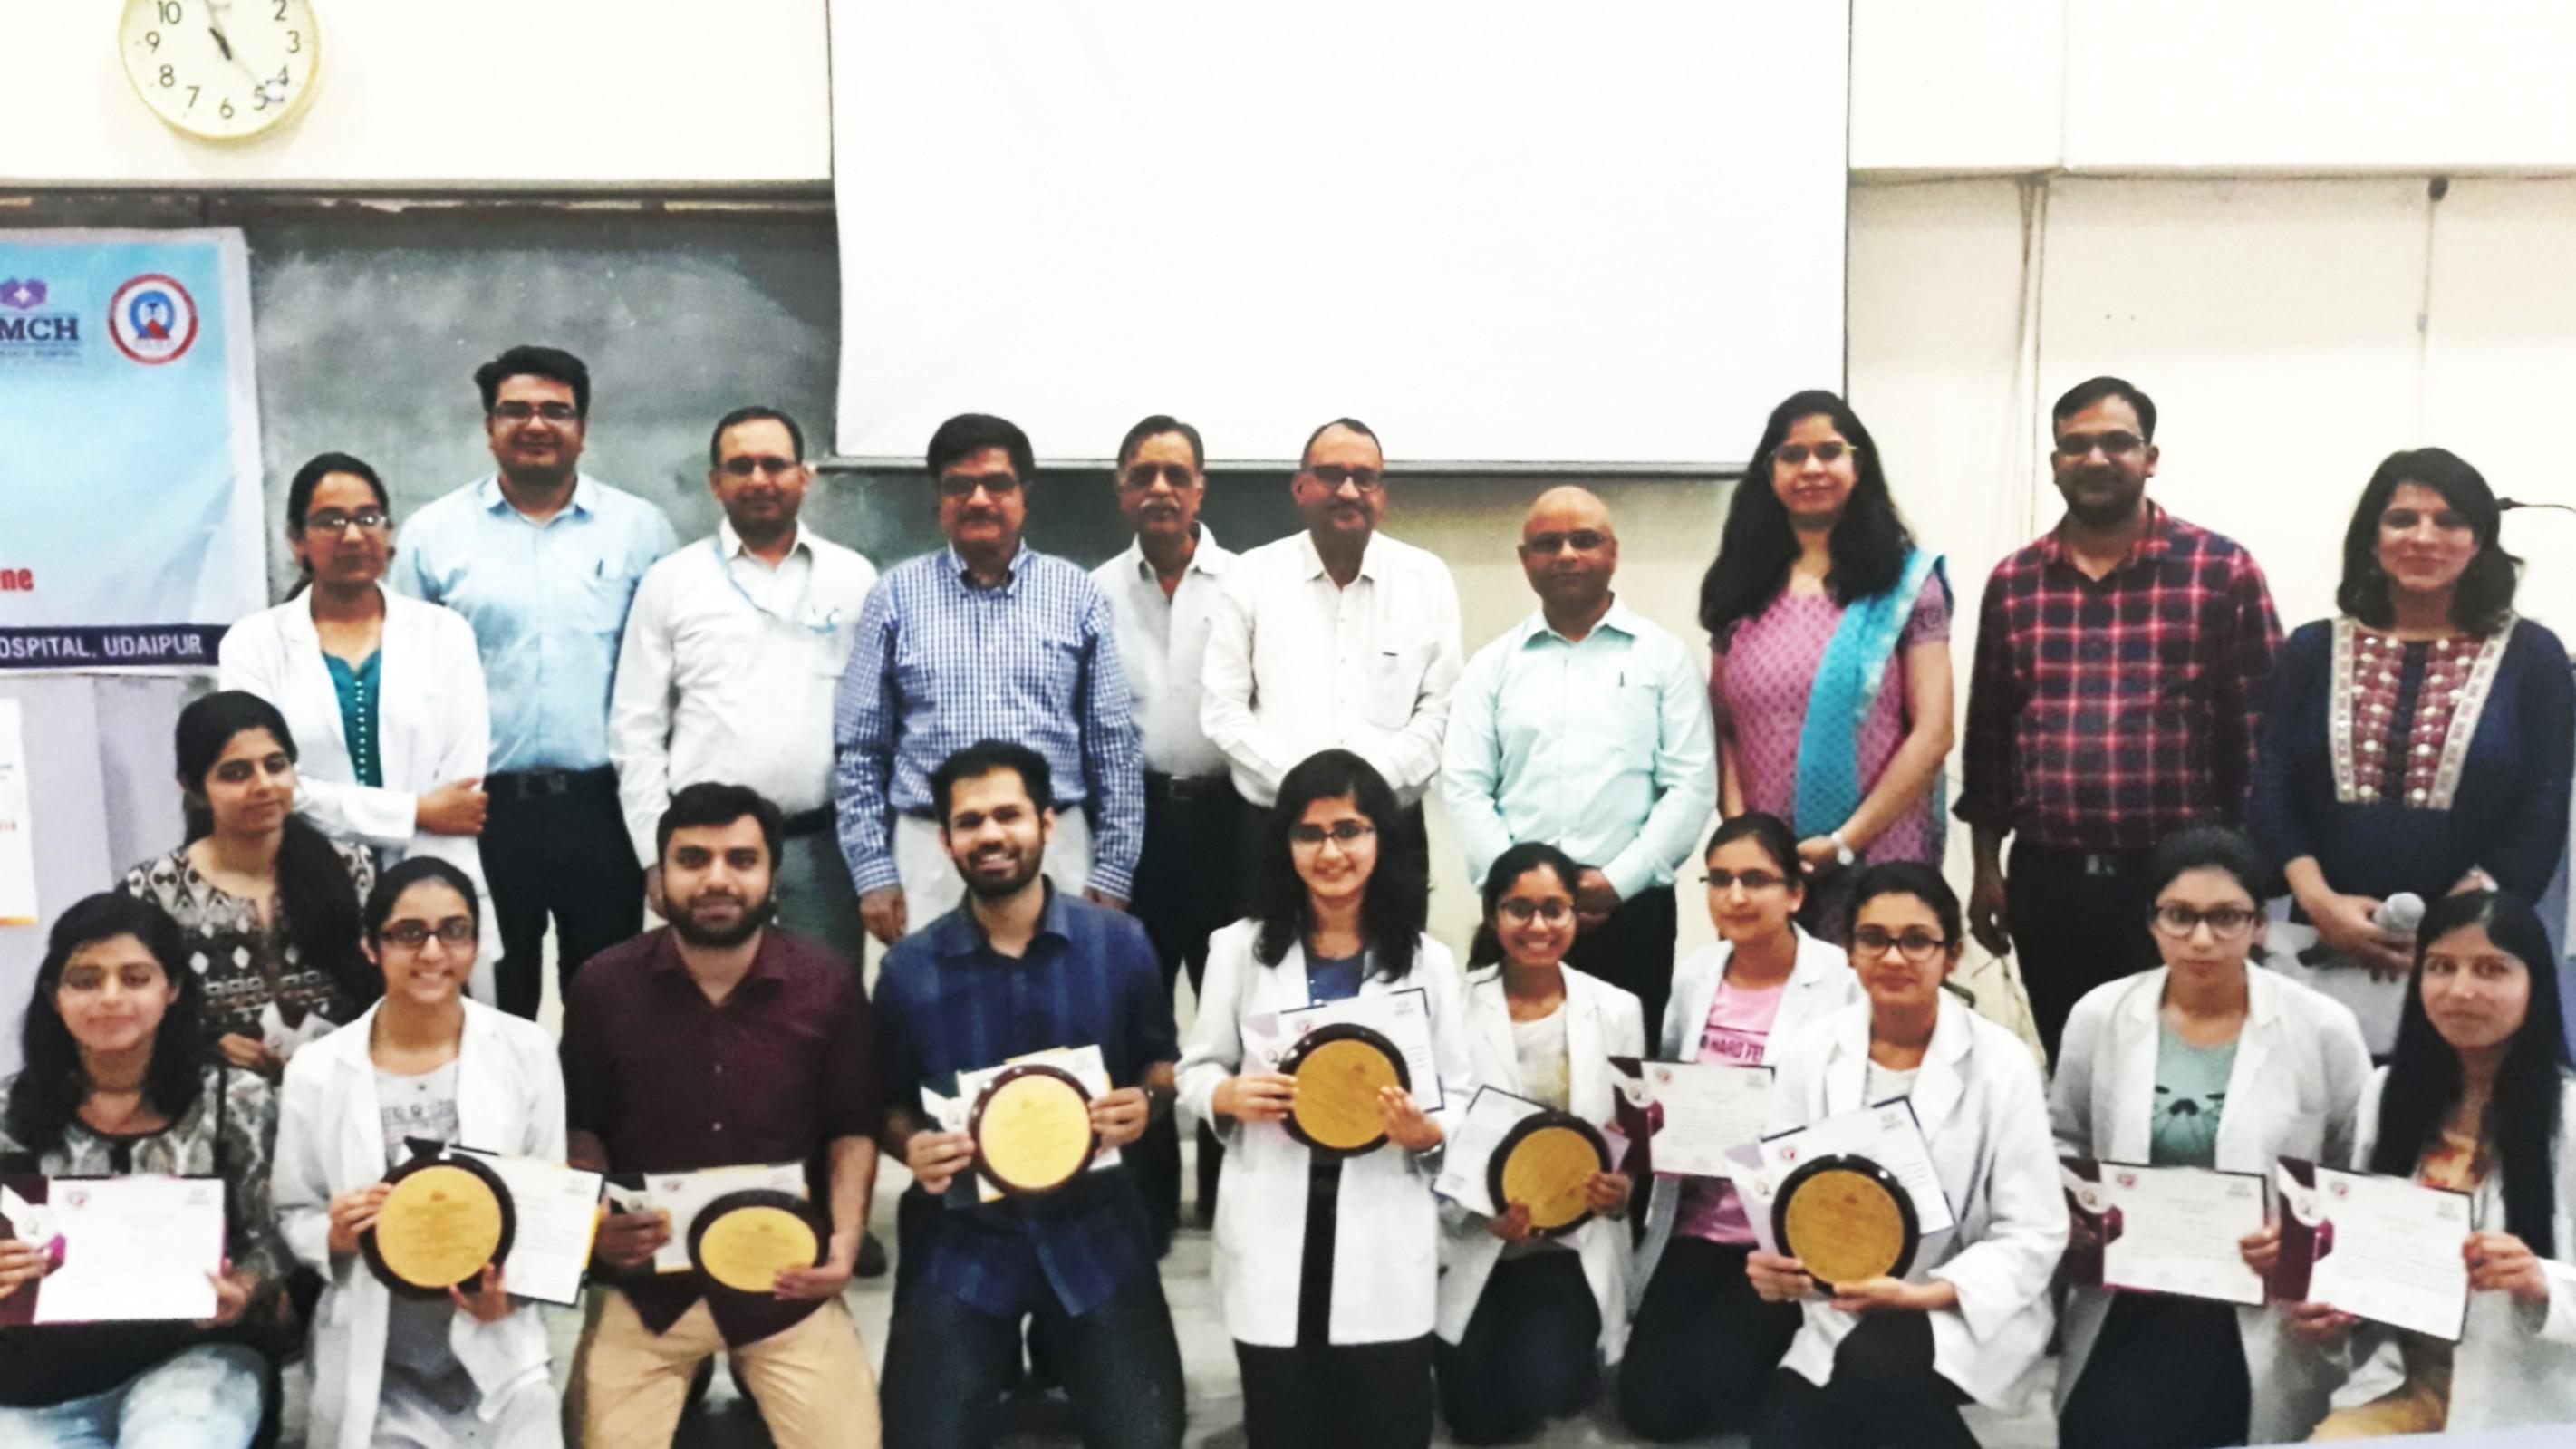 विश्व स्वास्थ्य दिवस पर विभिन्न प्रतियोगिताओं का आयोजन'